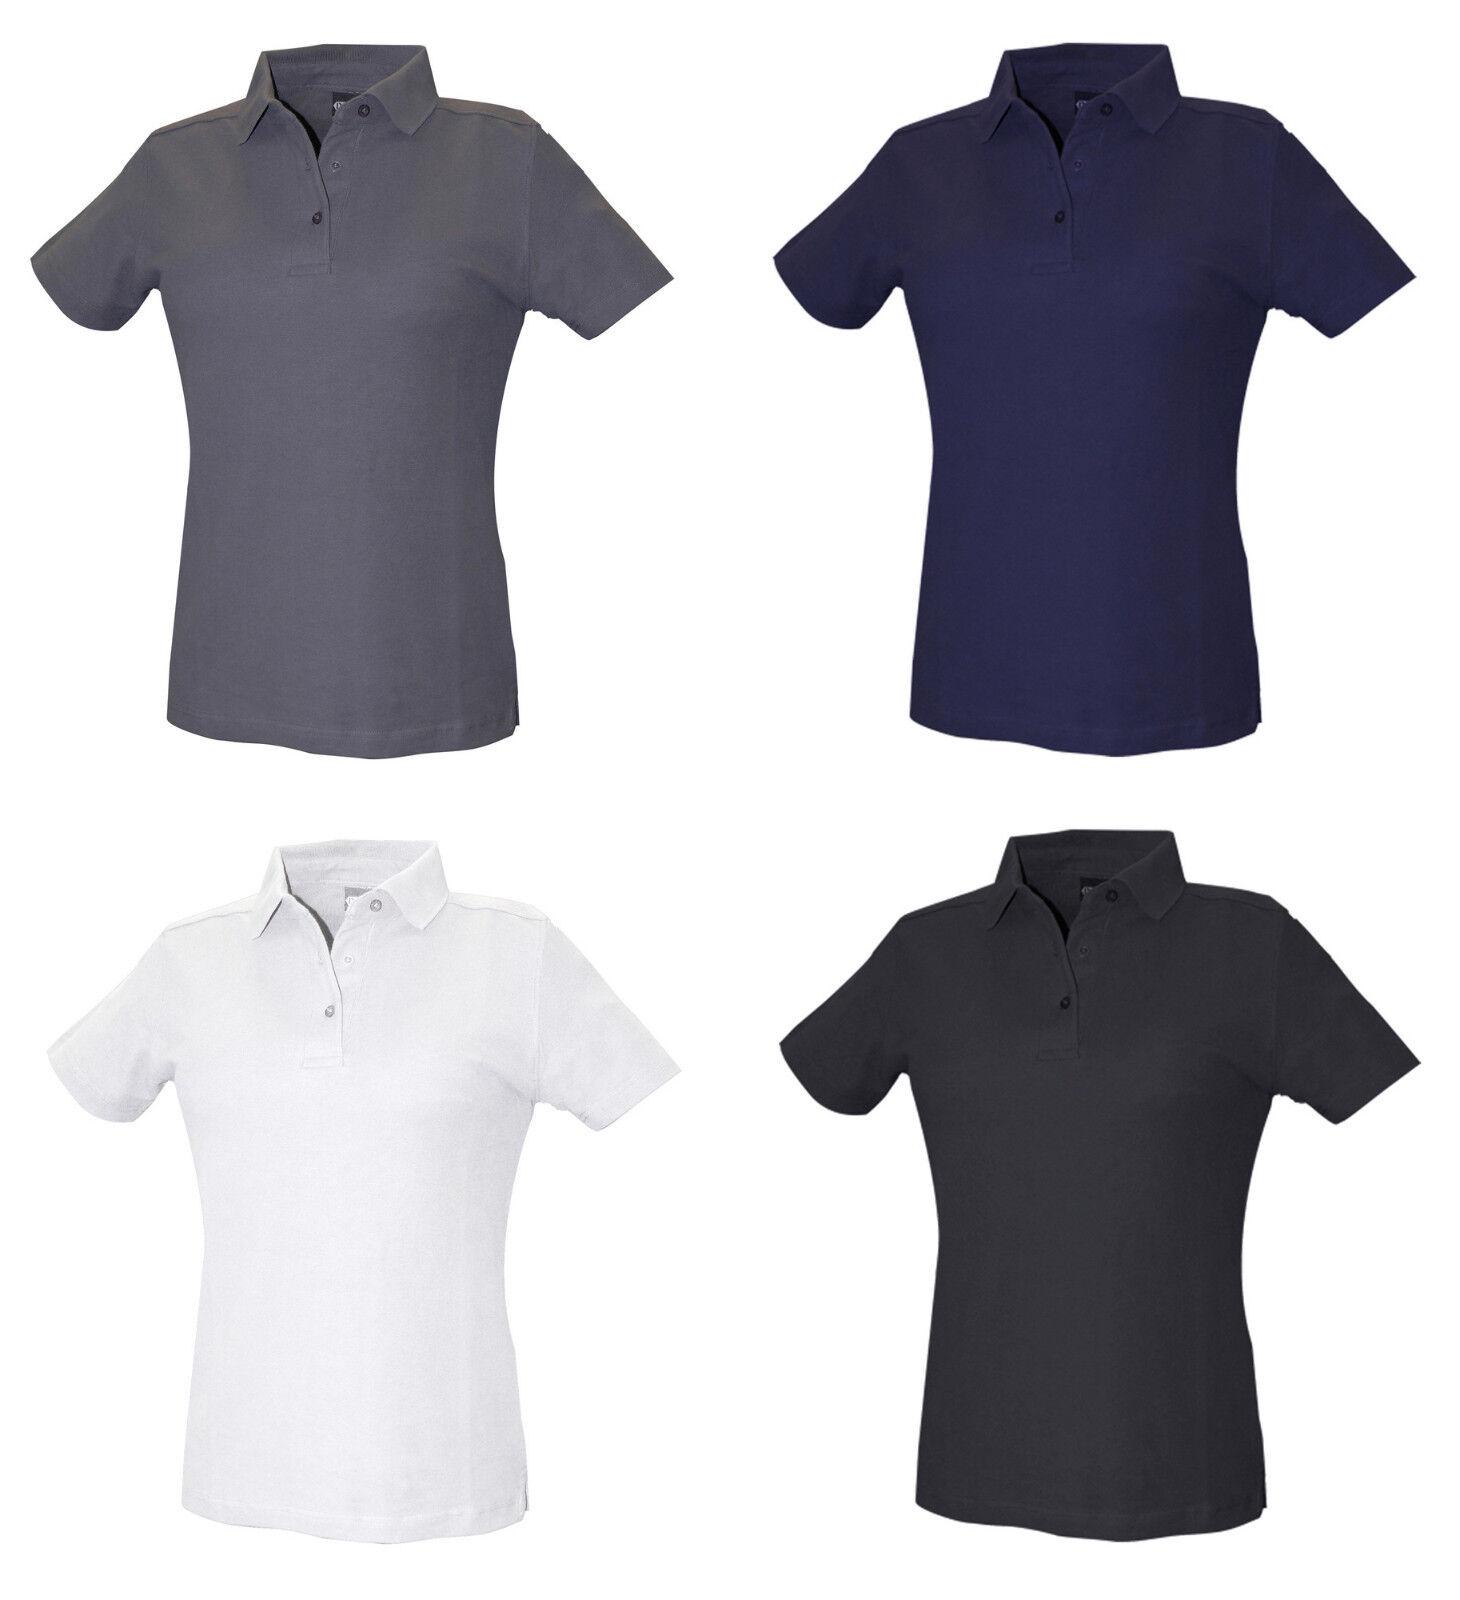 DASSY Leon Women Poloshirt Damen Frauen Freizeitshirt Arbeitskleidung Workwear